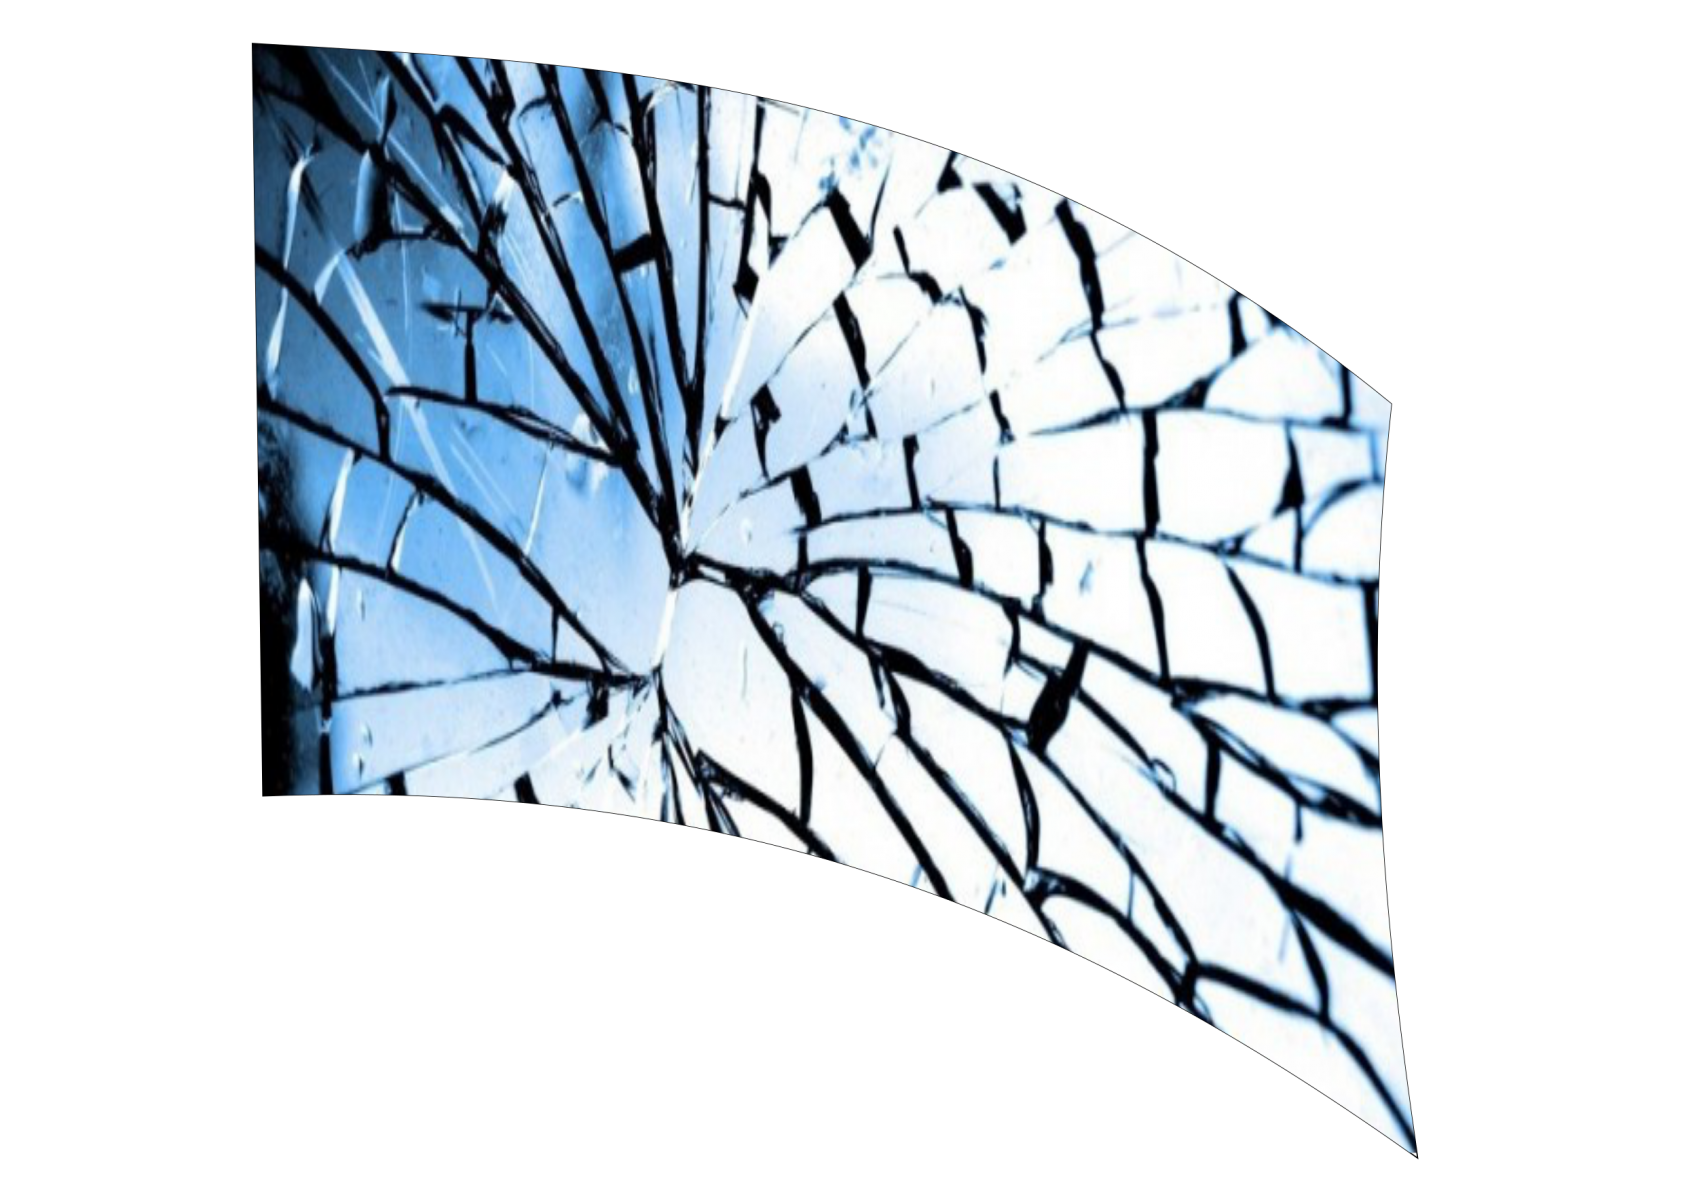 020201s - 36x54 Standard Broken Mirror 1